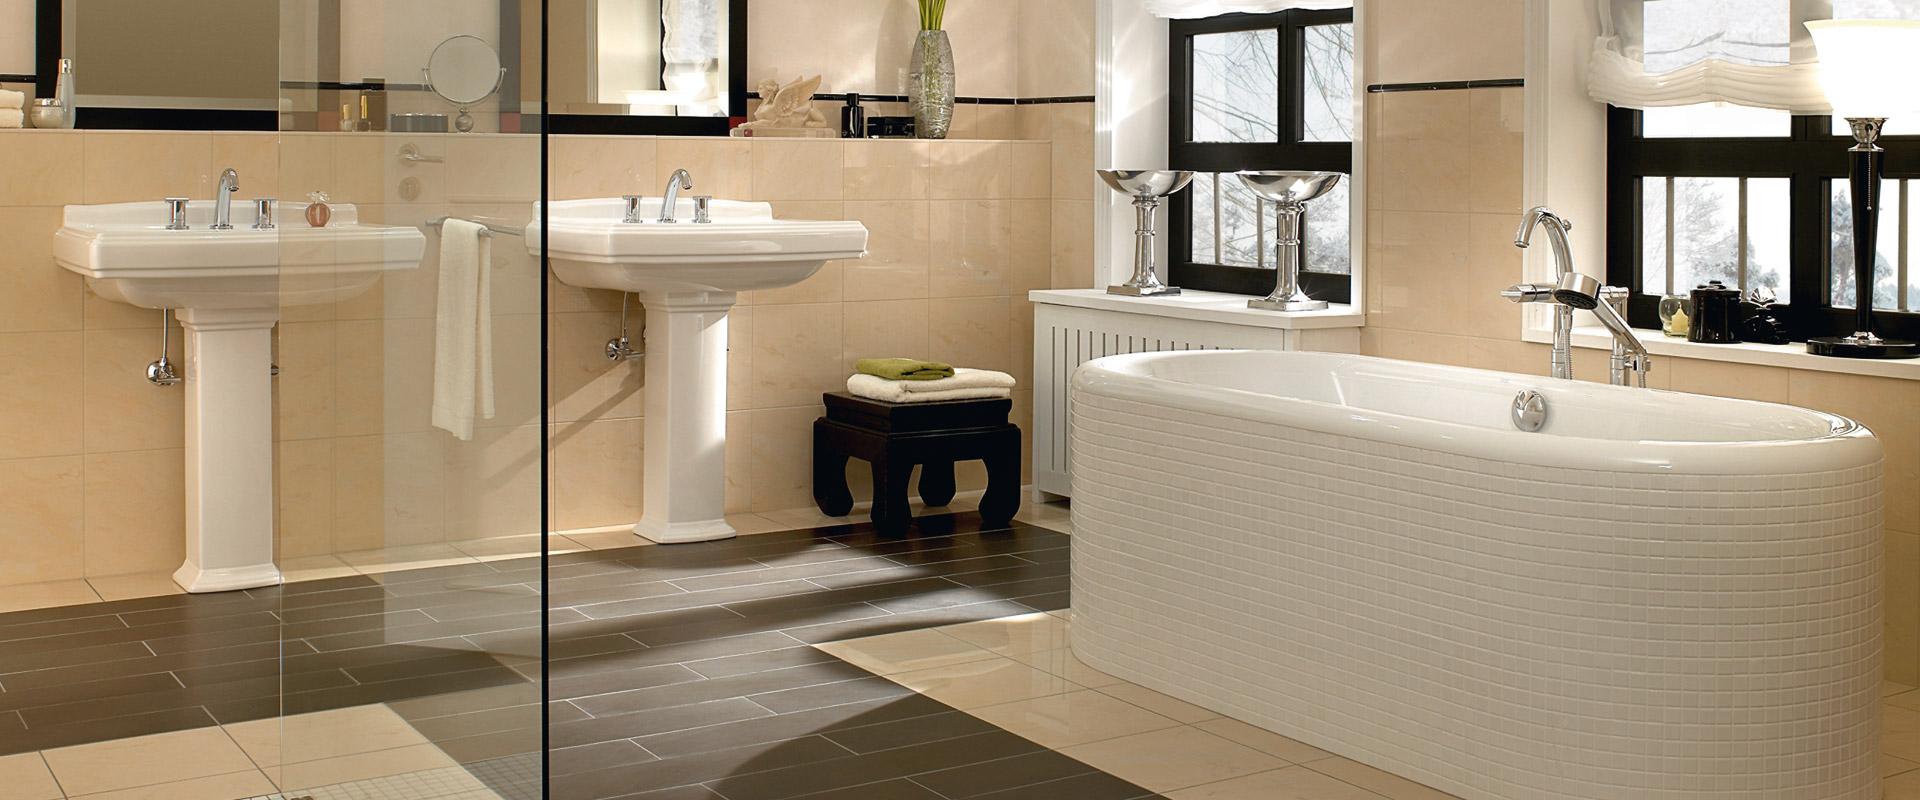 Villeroy and boch bathroom cabinets - Nexus